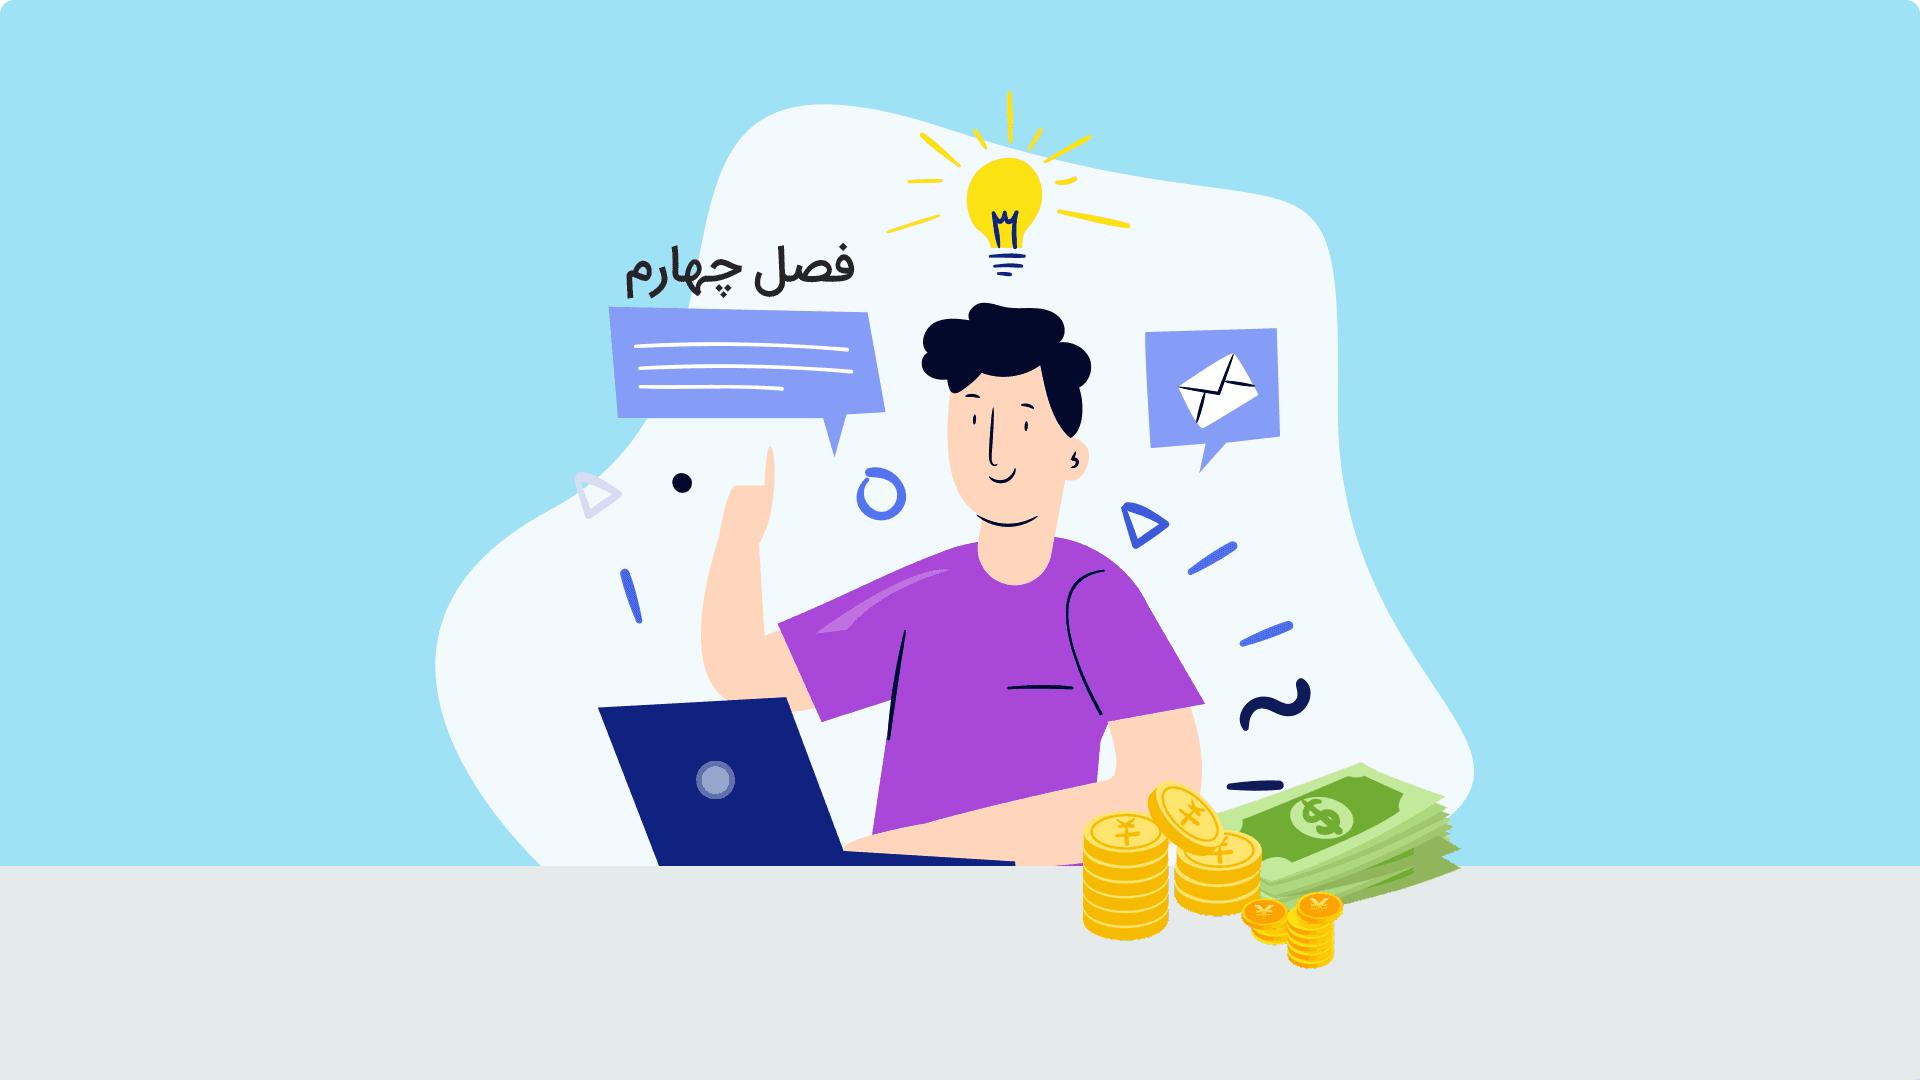 جلسه چهارم نسل جدید کسب و کار اینترنتی – دیجیتال مارکتینگ واقعی در ایران